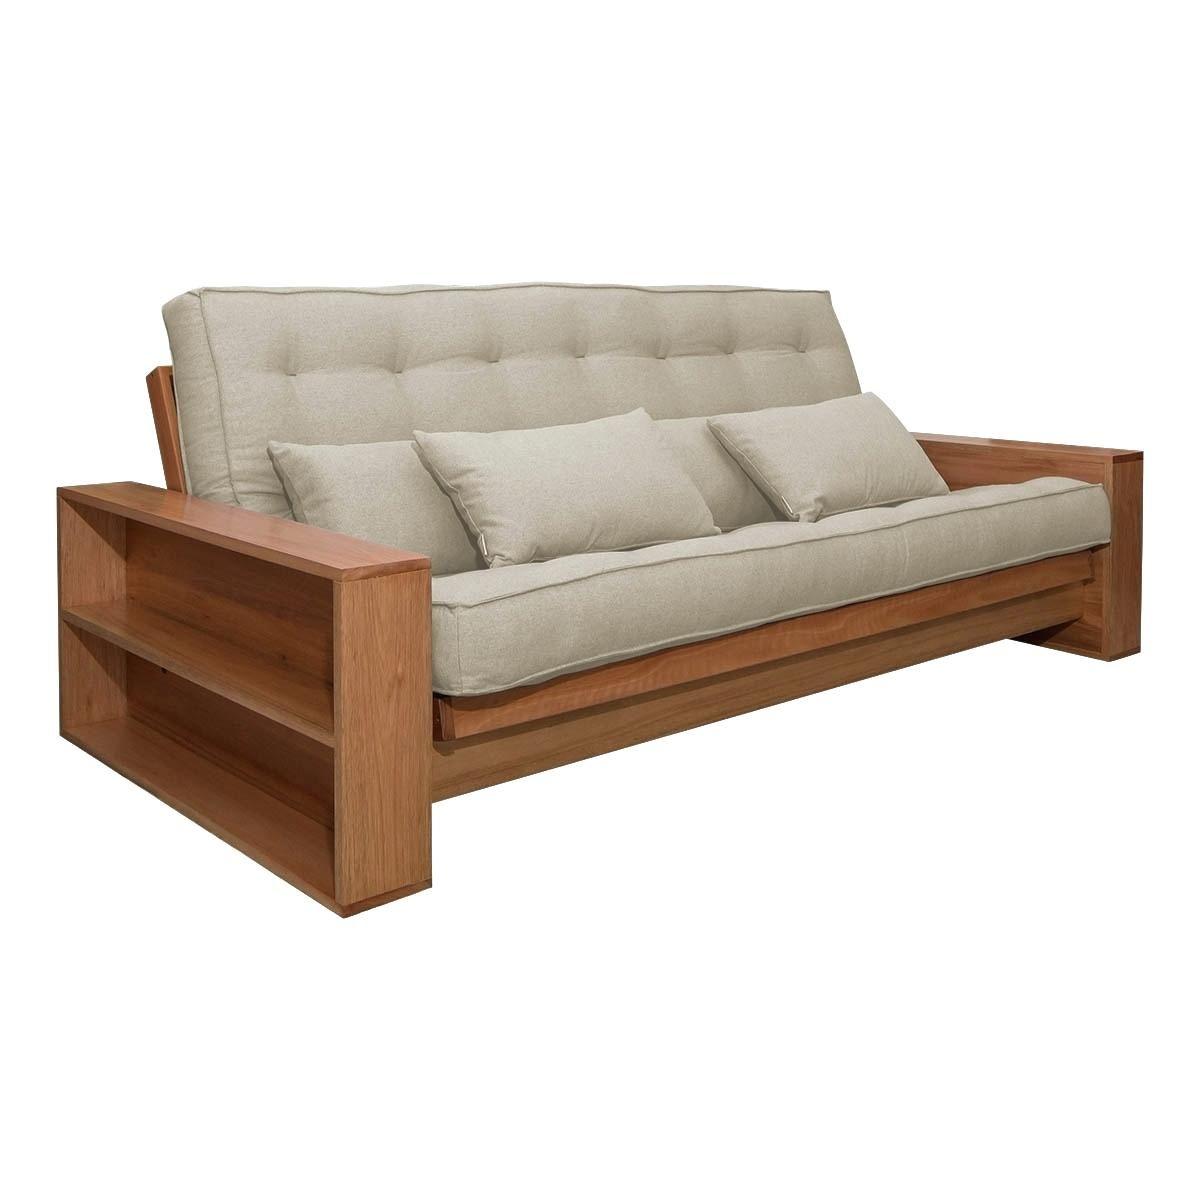 Sofa cama futon mexico df - Comprar sofa cama madrid ...